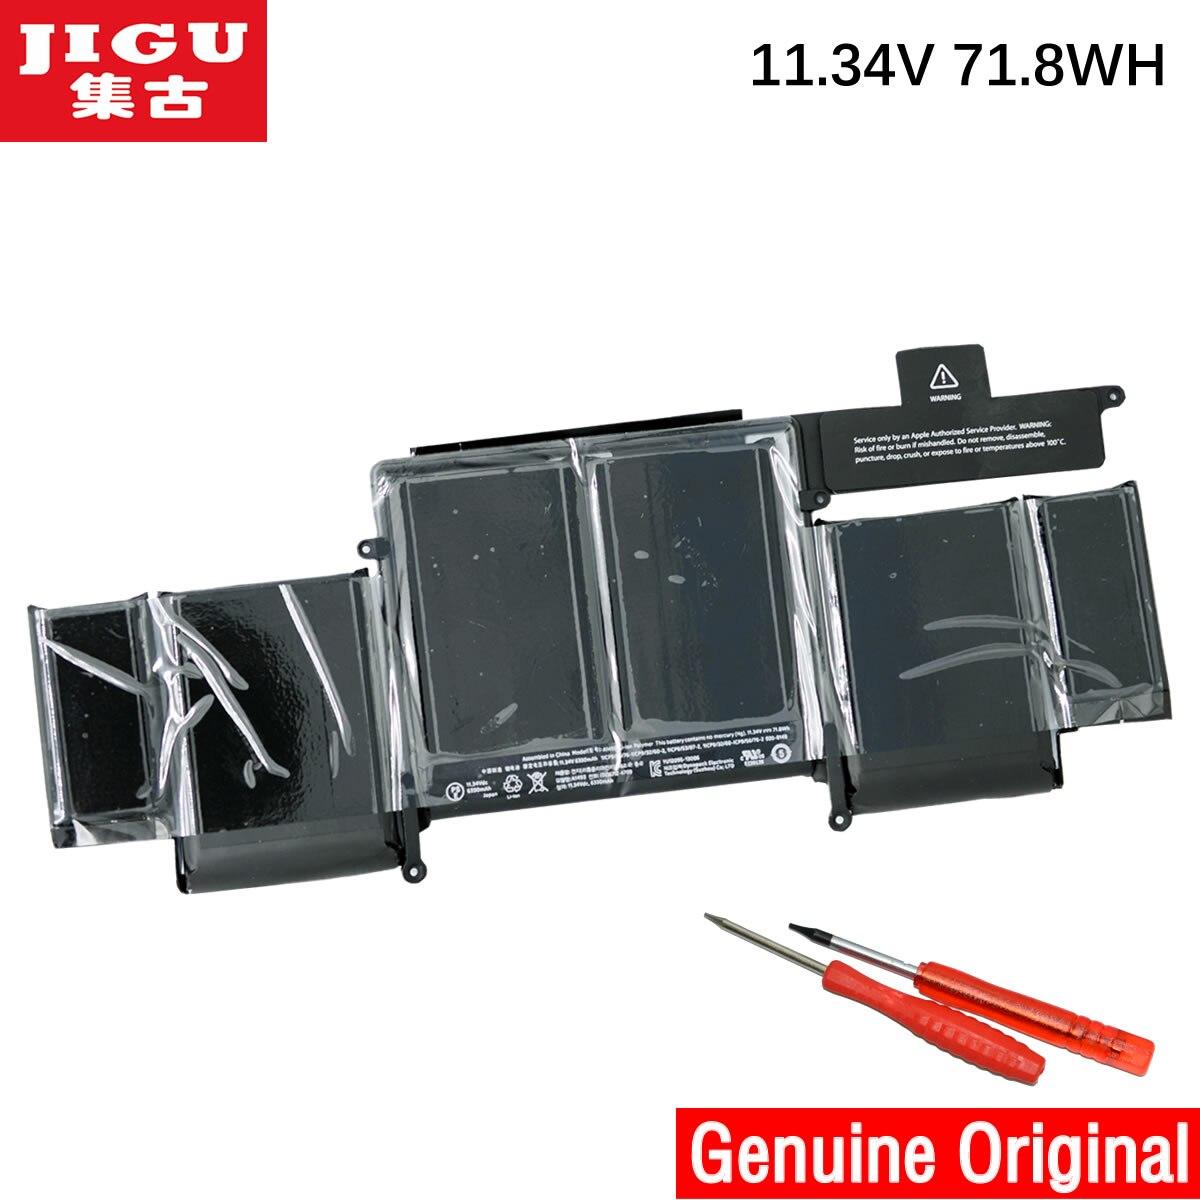 JIGU A1493 Original Laptop Battery For APPLE Macbook Pro Retina 13 A1502 2013 ME864 ME865 11.34V 71.8WHJIGU A1493 Original Laptop Battery For APPLE Macbook Pro Retina 13 A1502 2013 ME864 ME865 11.34V 71.8WH